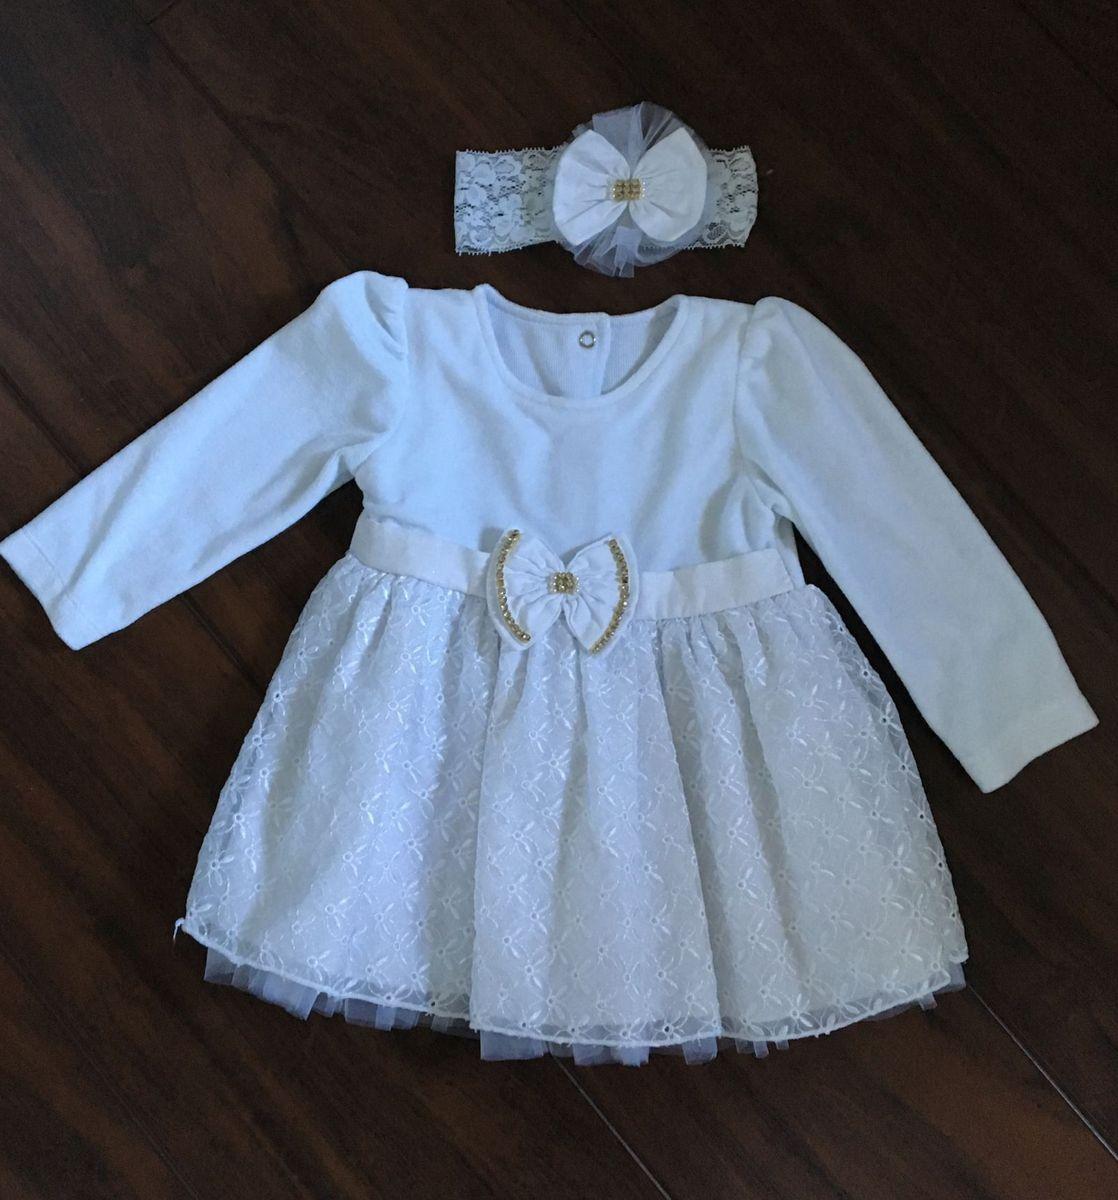 f860961ba vestido branco para batizado - bebê paraíso.  Czm6ly9wag90b3muzw5qb2vplmnvbs5ici9wcm9kdwn0cy81odg4odewl2y1zte2zmyyowmwyjc2nwnimzy4ndc3ytdlnjdjmjnilmpwzw